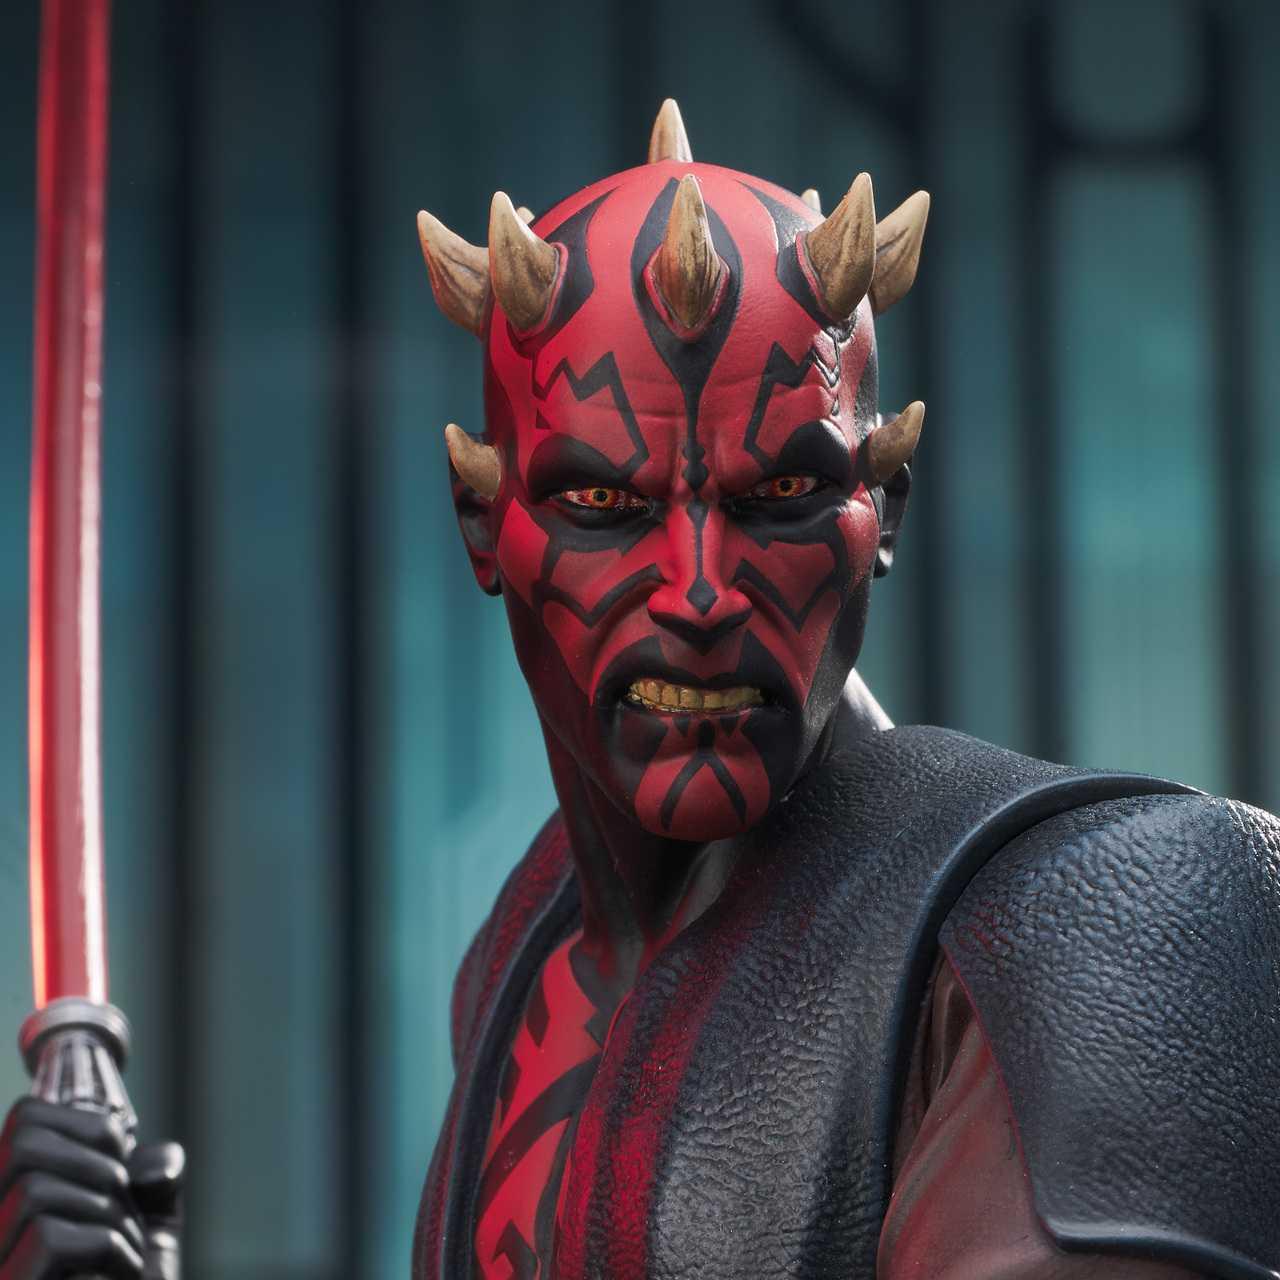 Ecco la nuova statua di Darth Maul da Star Wars: The Clone Wars